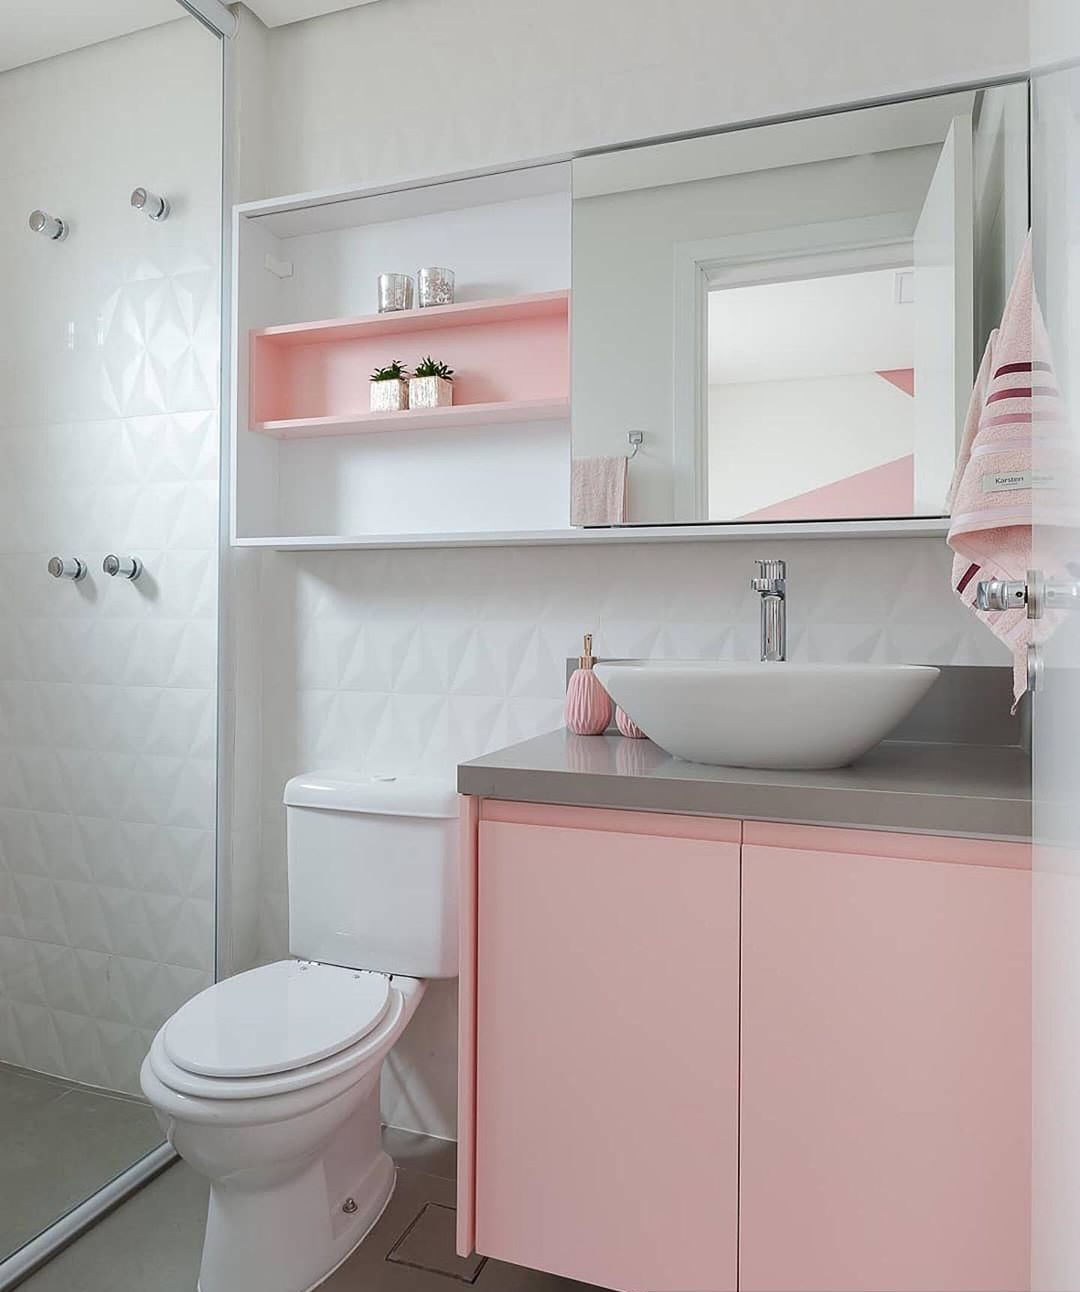 banheiro rosa com branco e cinza